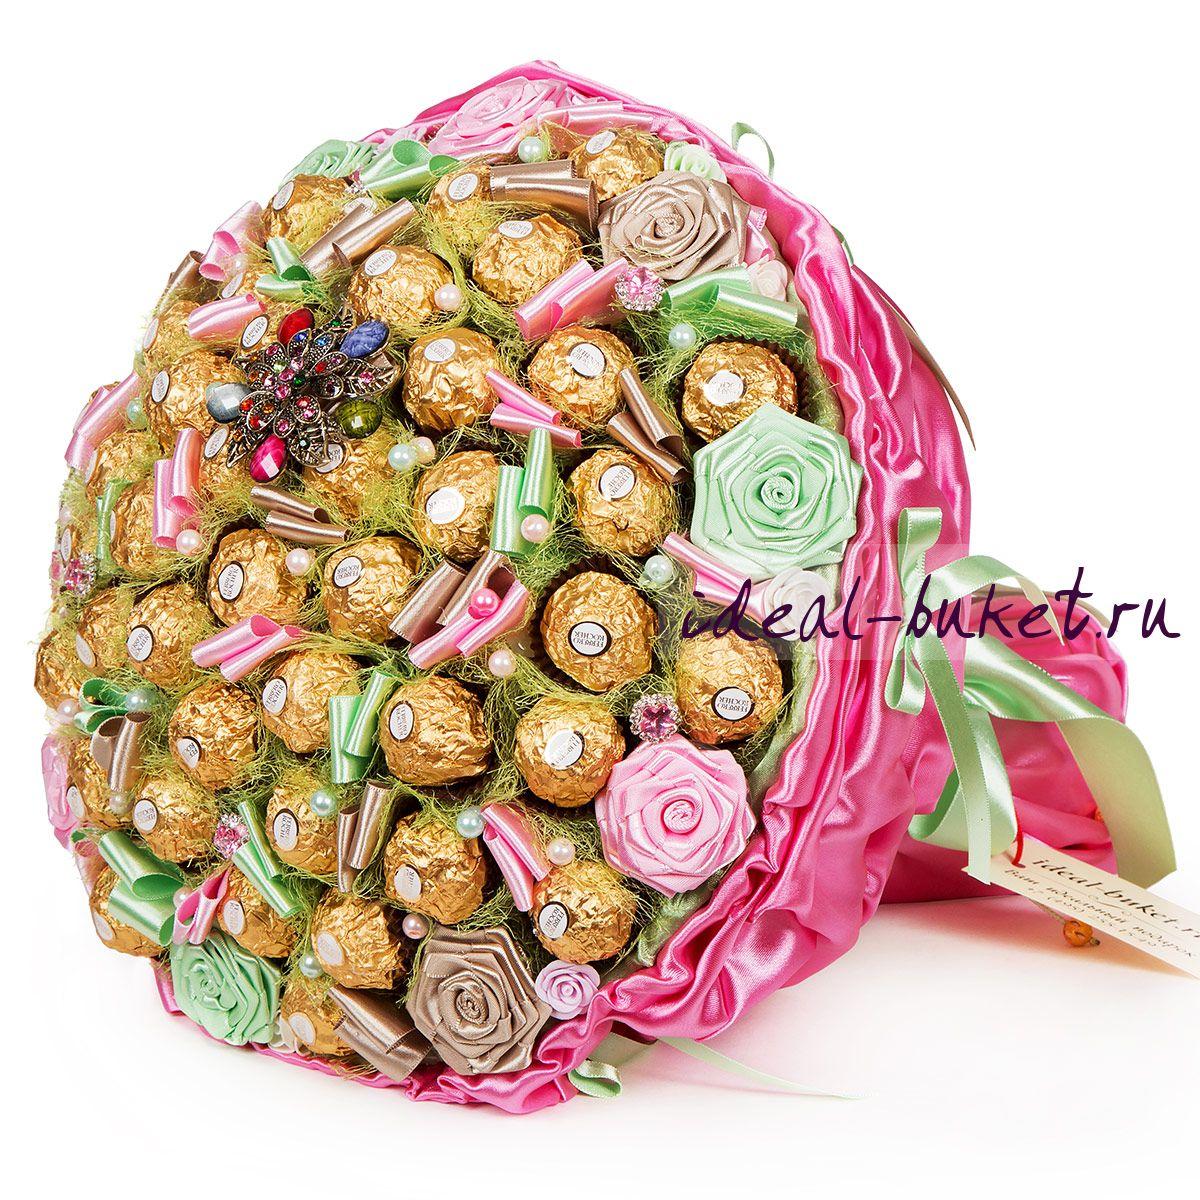 Букеты из конфет как подарок 16